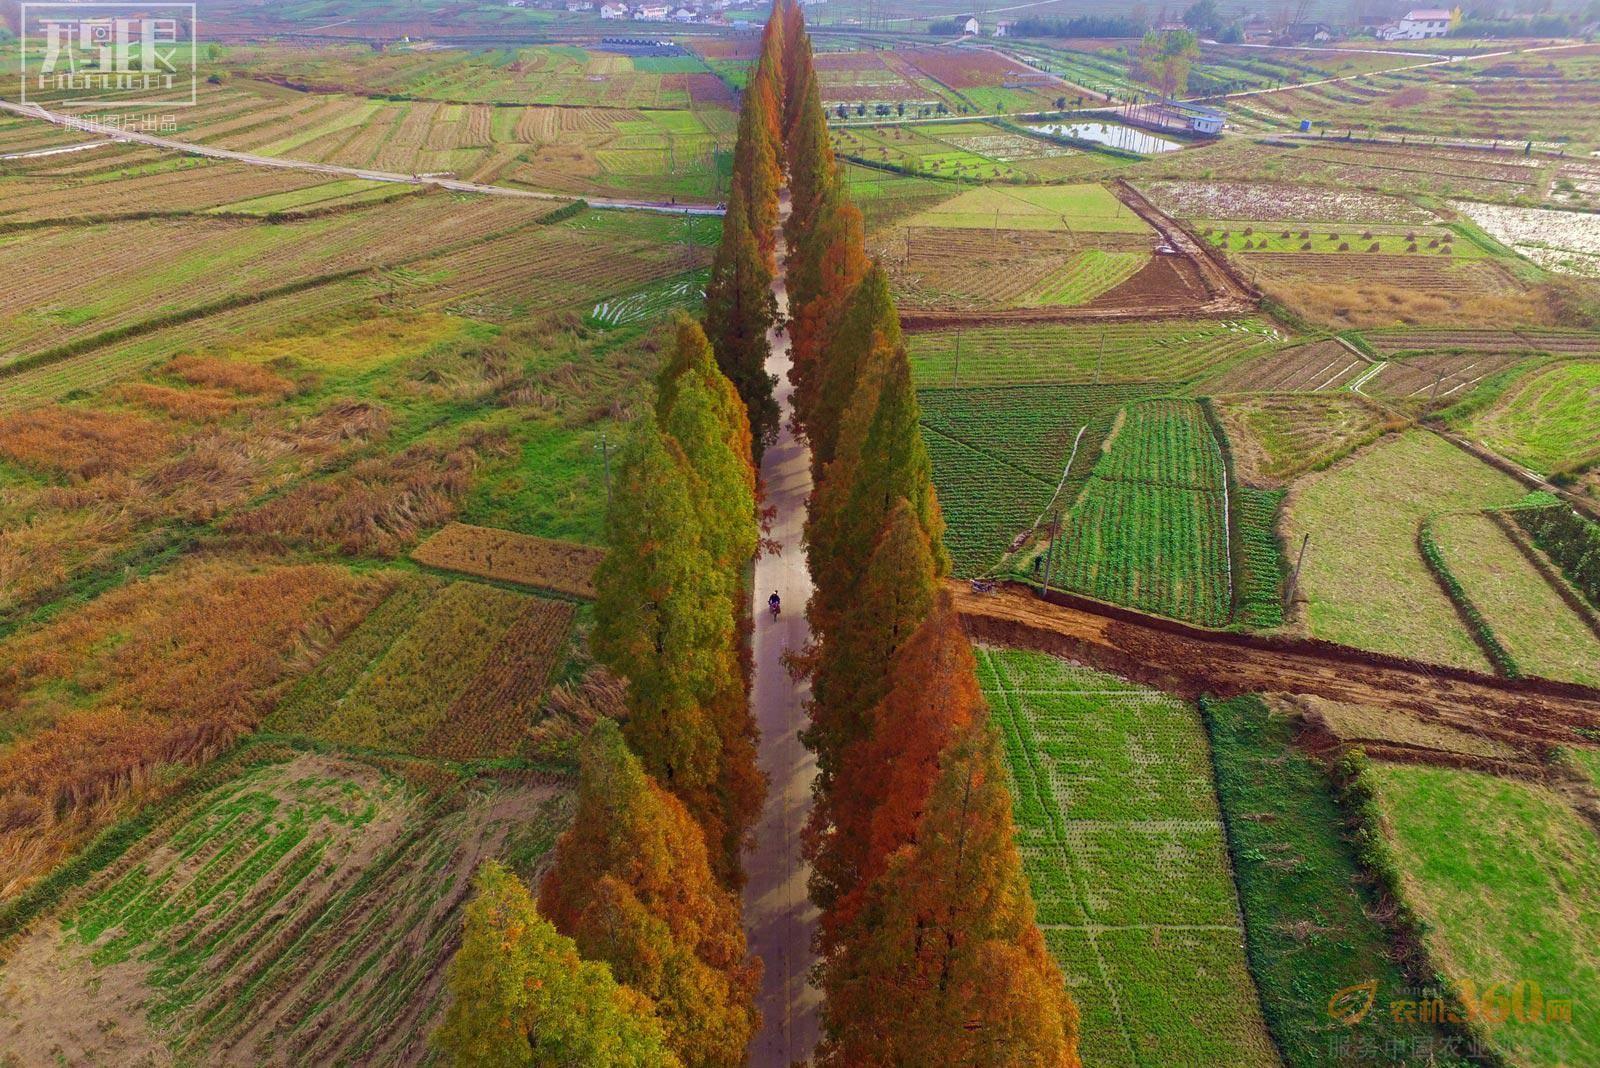 2015年11月16日,陕西汉中汉台区徐望镇,两排水杉树伸向远方.